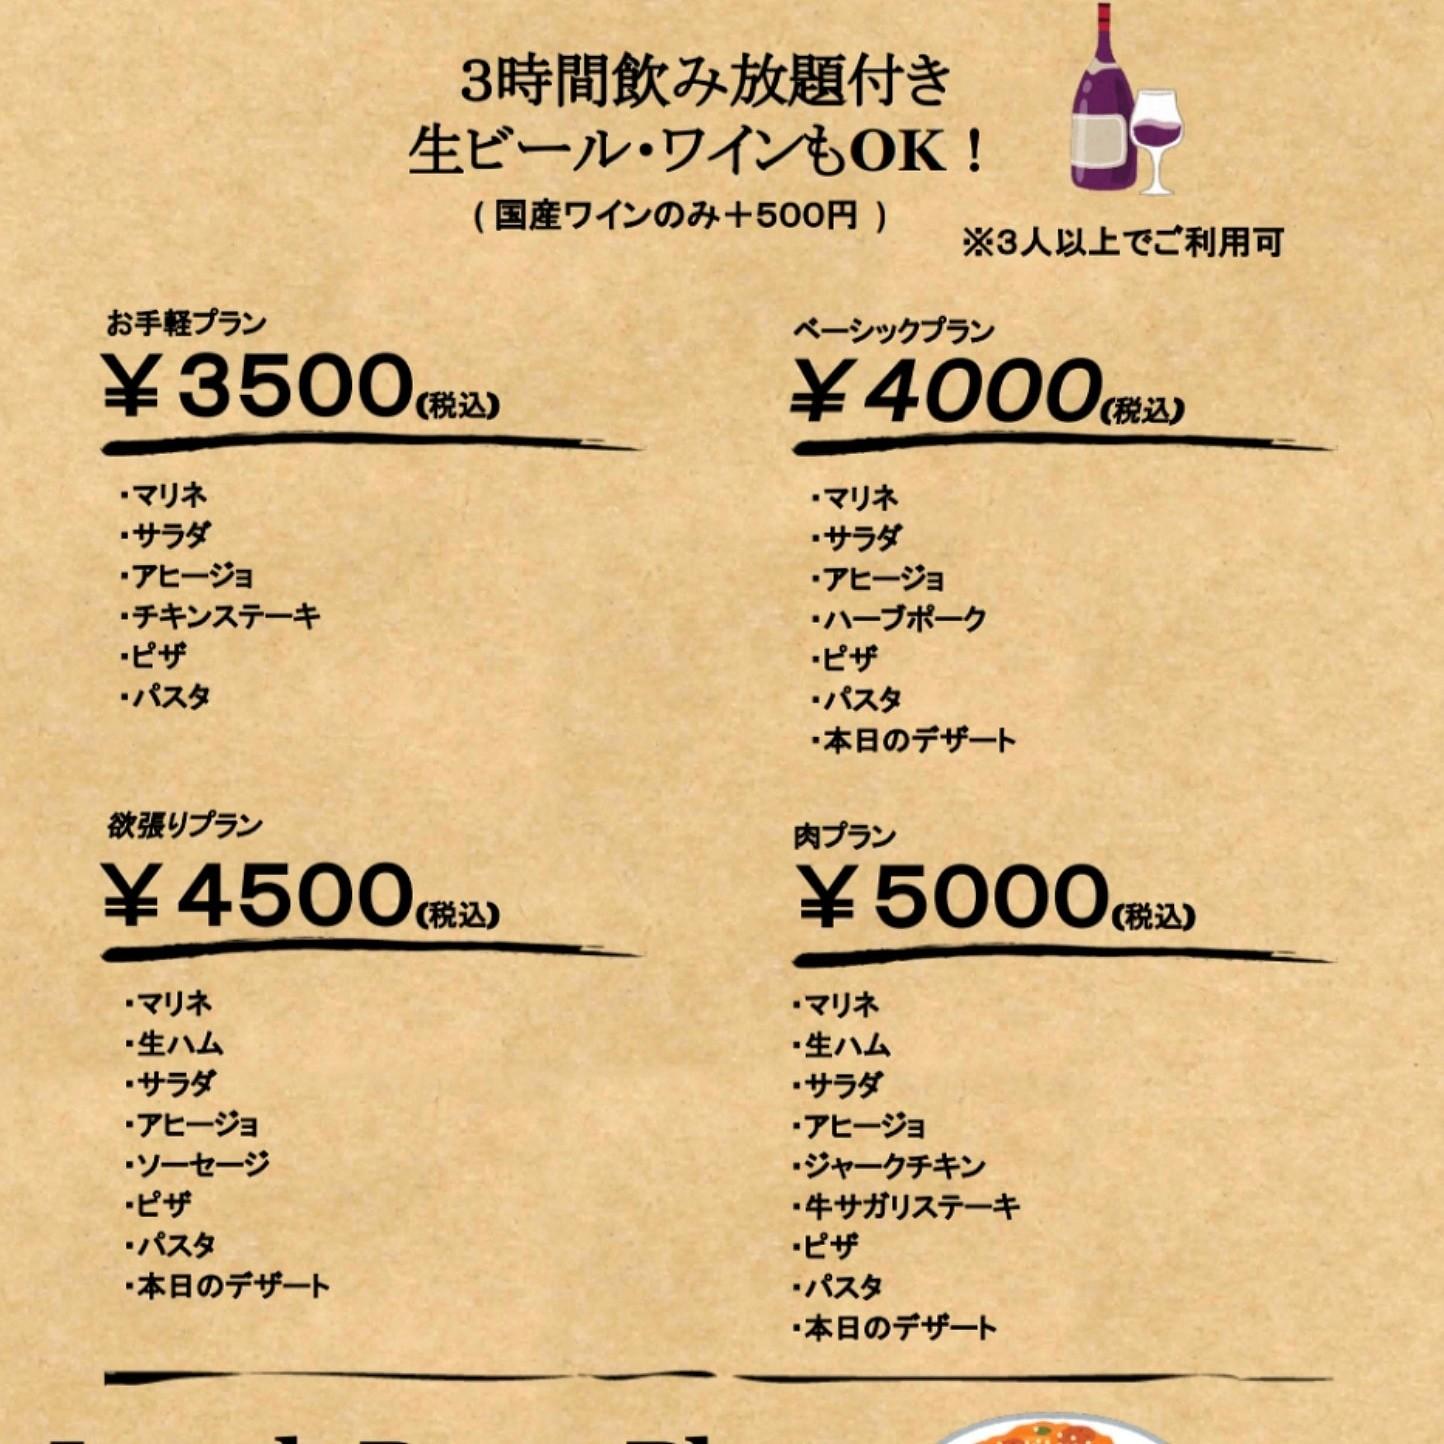 f:id:nari-fight:20200216002608j:image